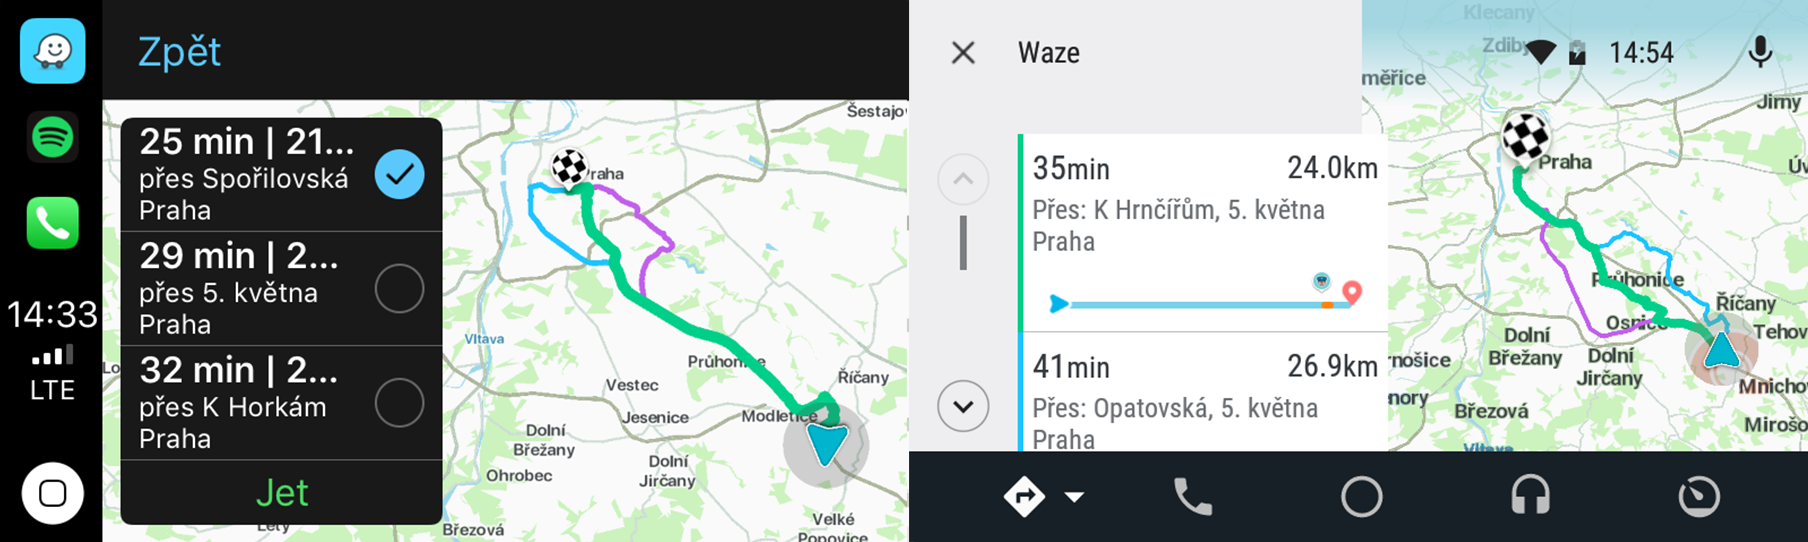 Waze - alternativní trasy